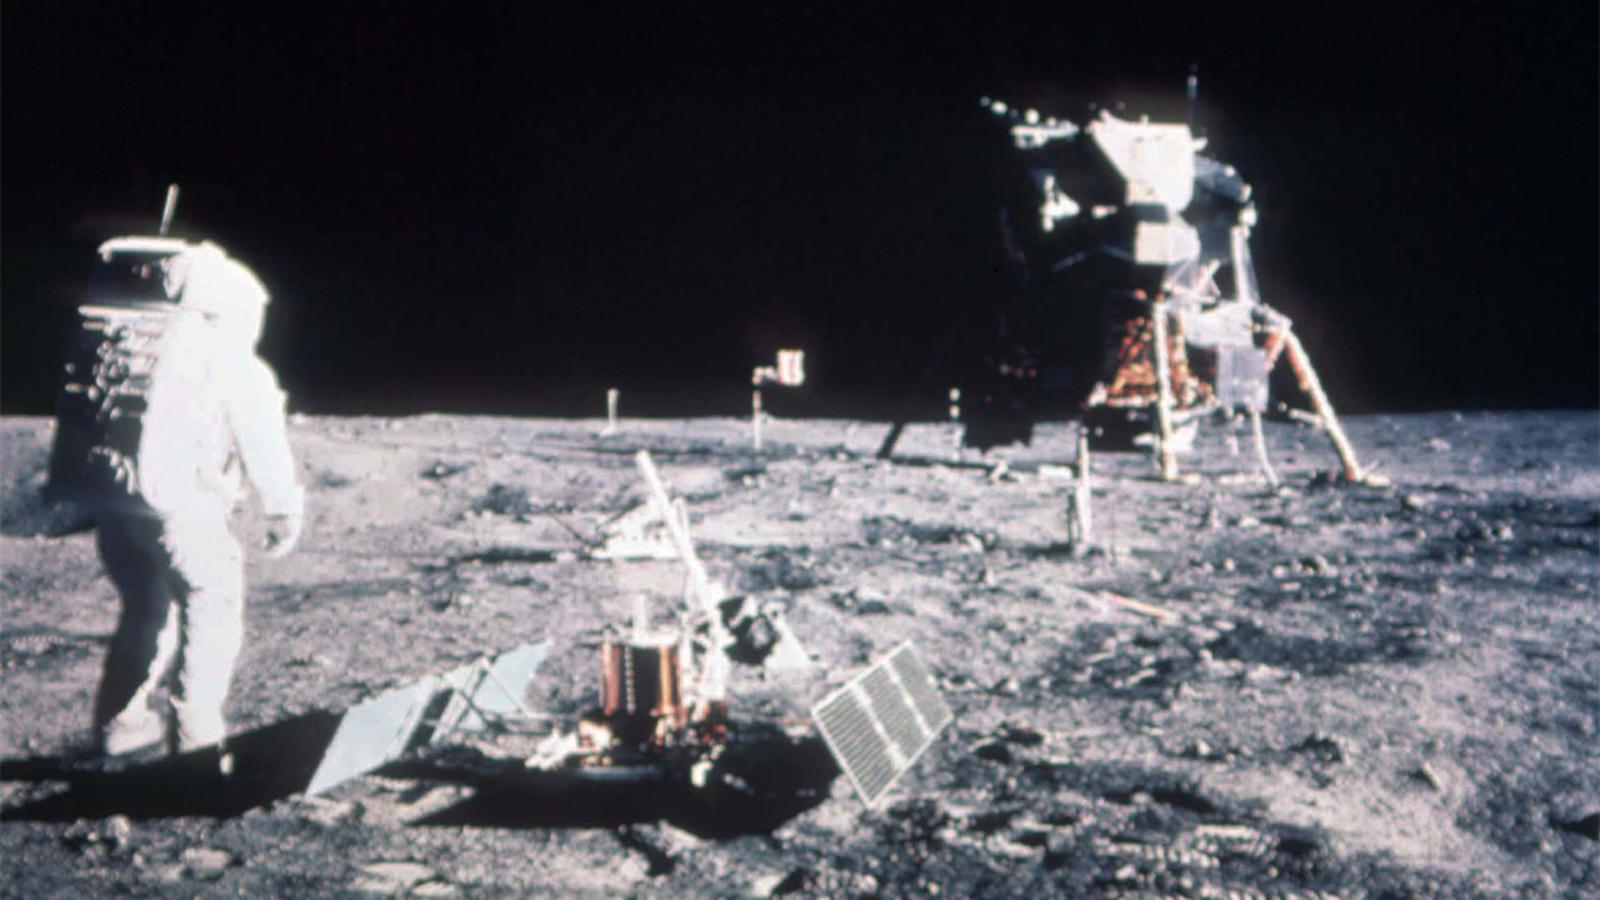 USA TODAY NETWORK Celebrates 50th Anniversary of Apollo 11